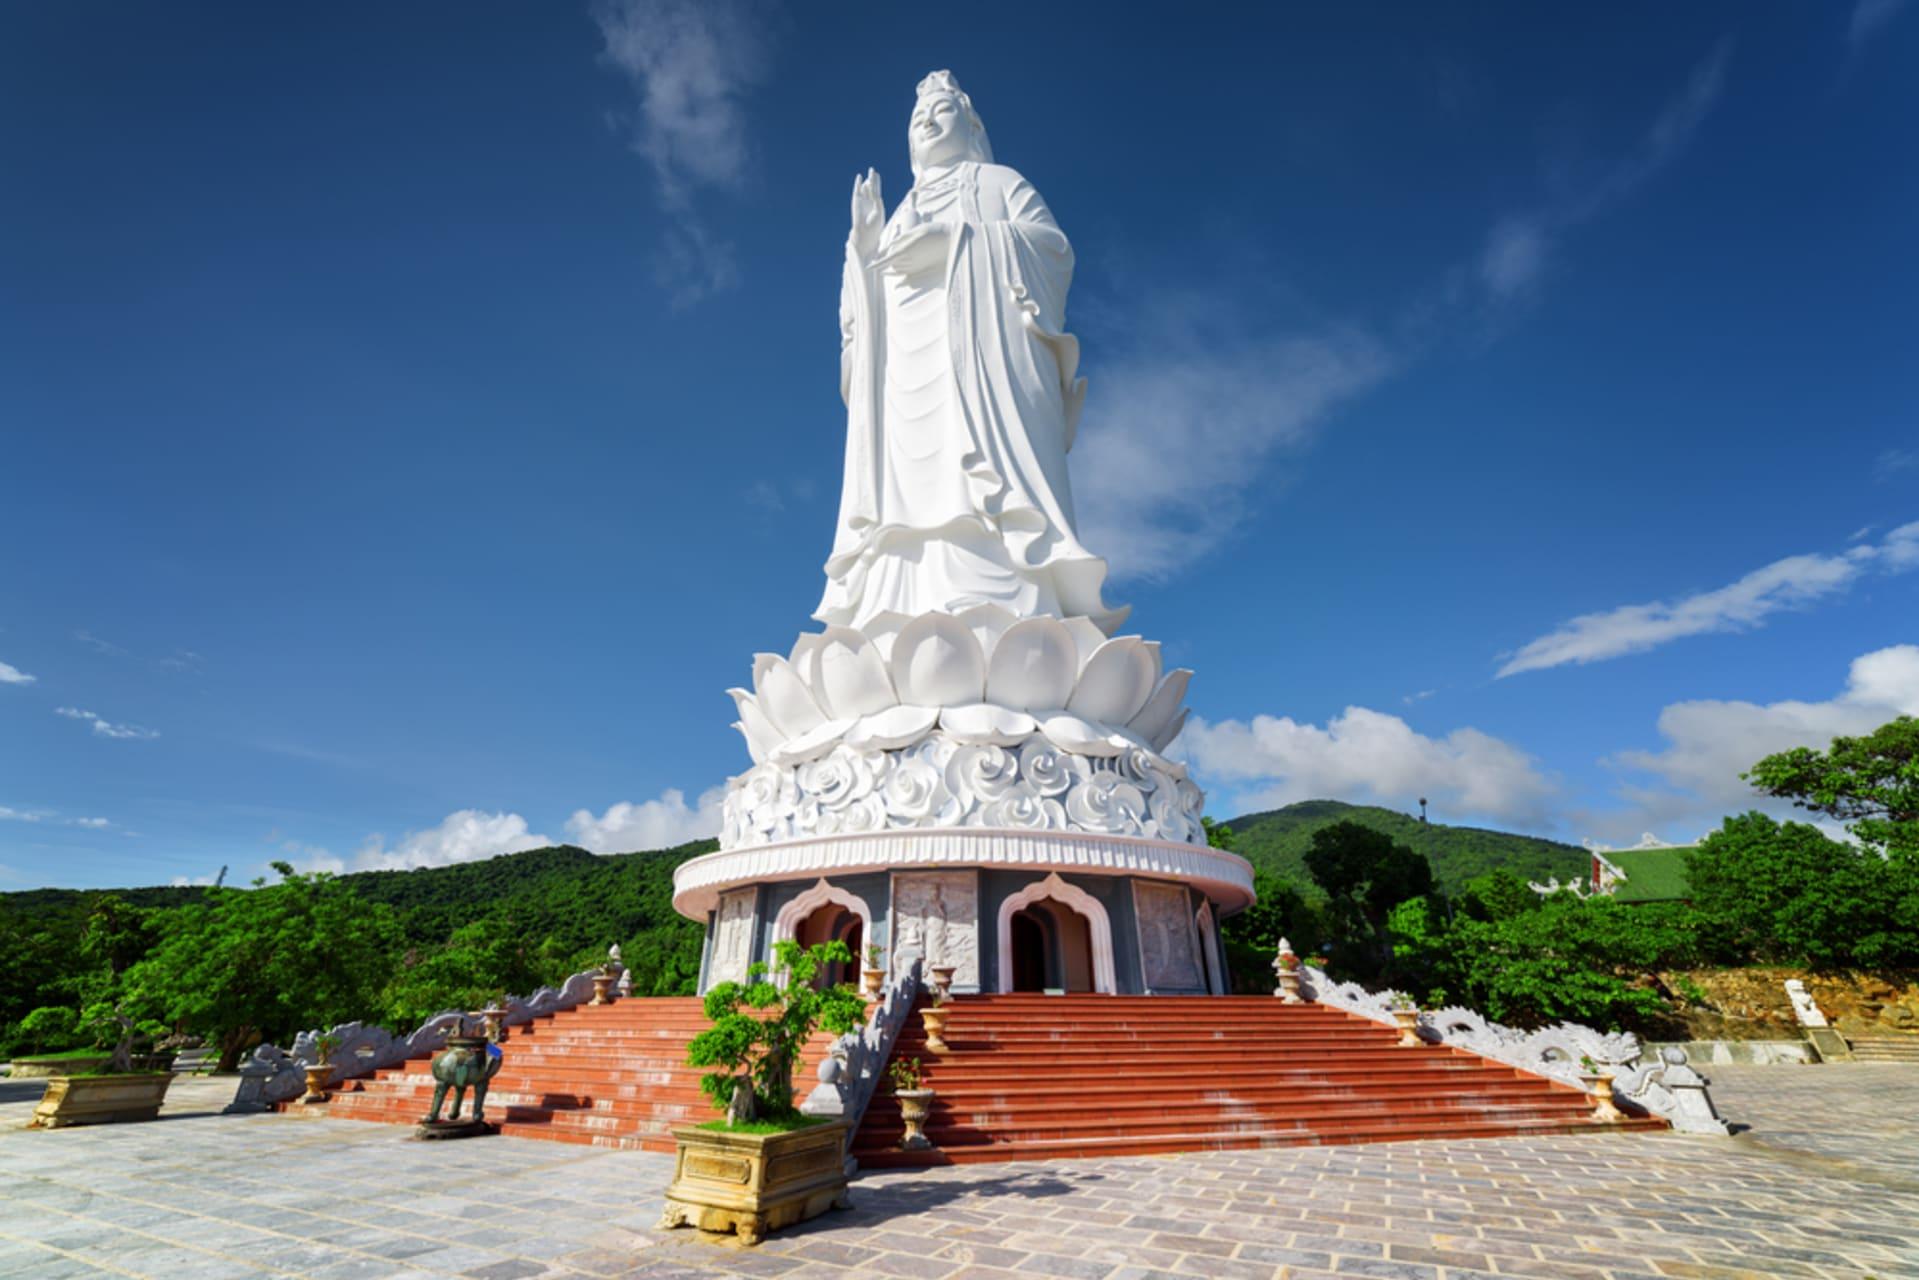 Da Nang - Da Nang - Day 3: The Lady Buddha